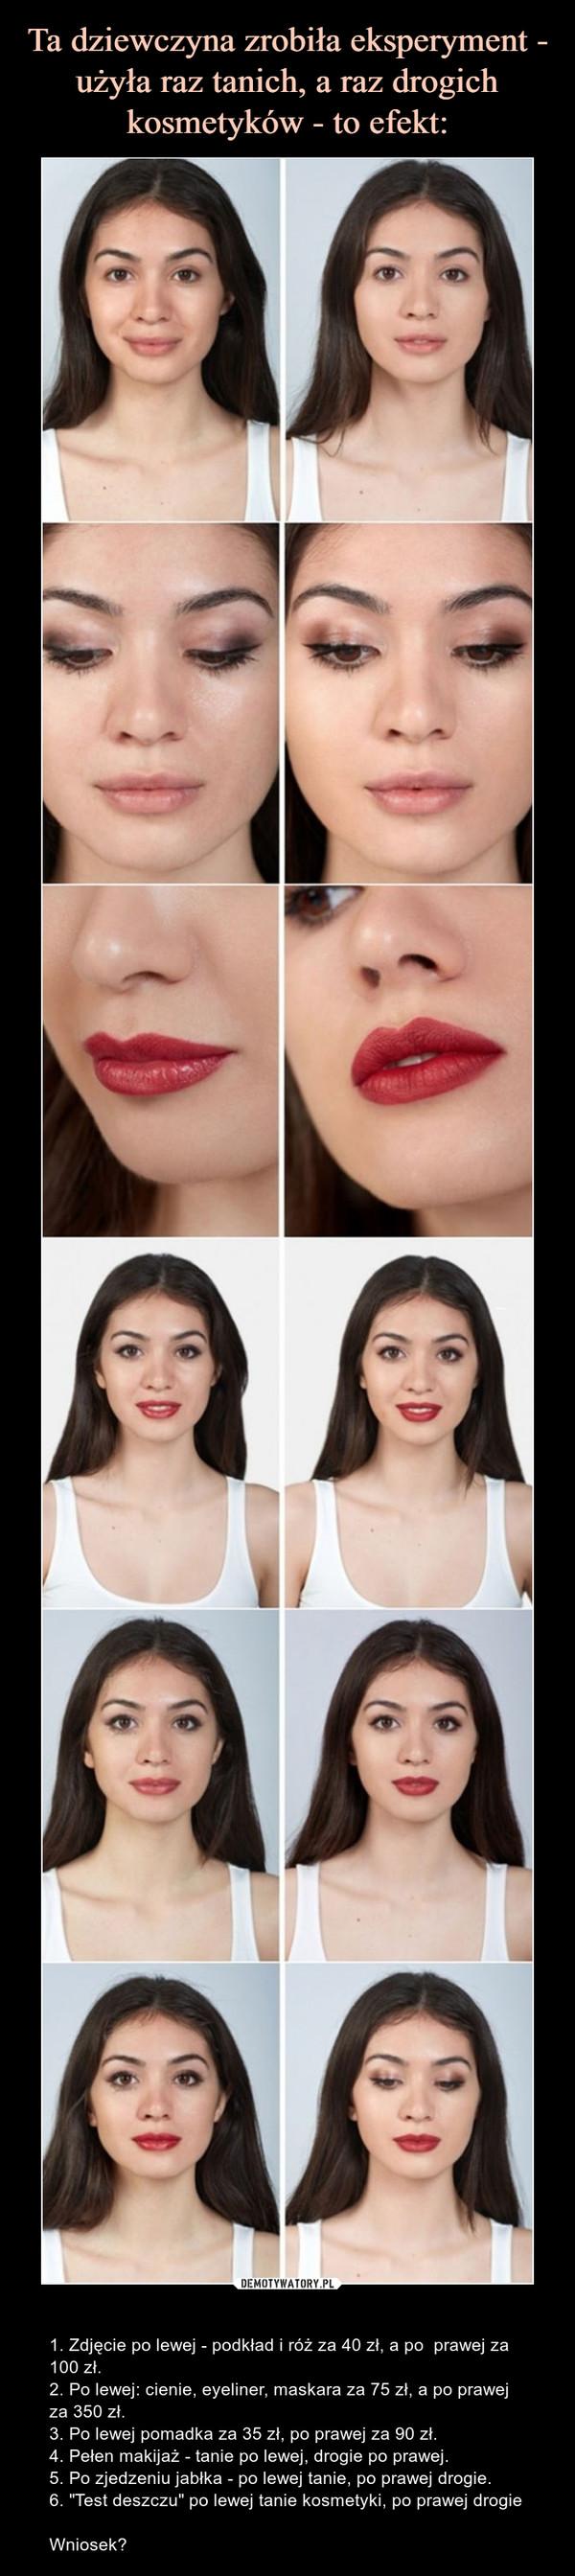 """– 1. Zdjęcie po lewej - podkład i róż za 40 zł, a po  prawej za 100 zł.2. Po lewej: cienie, eyeliner, maskara za 75 zł, a po prawej za 350 zł.3. Po lewej pomadka za 35 zł, po prawej za 90 zł.4. Pełen makijaż - tanie po lewej, drogie po prawej.5. Po zjedzeniu jabłka - po lewej tanie, po prawej drogie.6. """"Test deszczu"""" po lewej tanie kosmetyki, po prawej drogieWniosek?"""